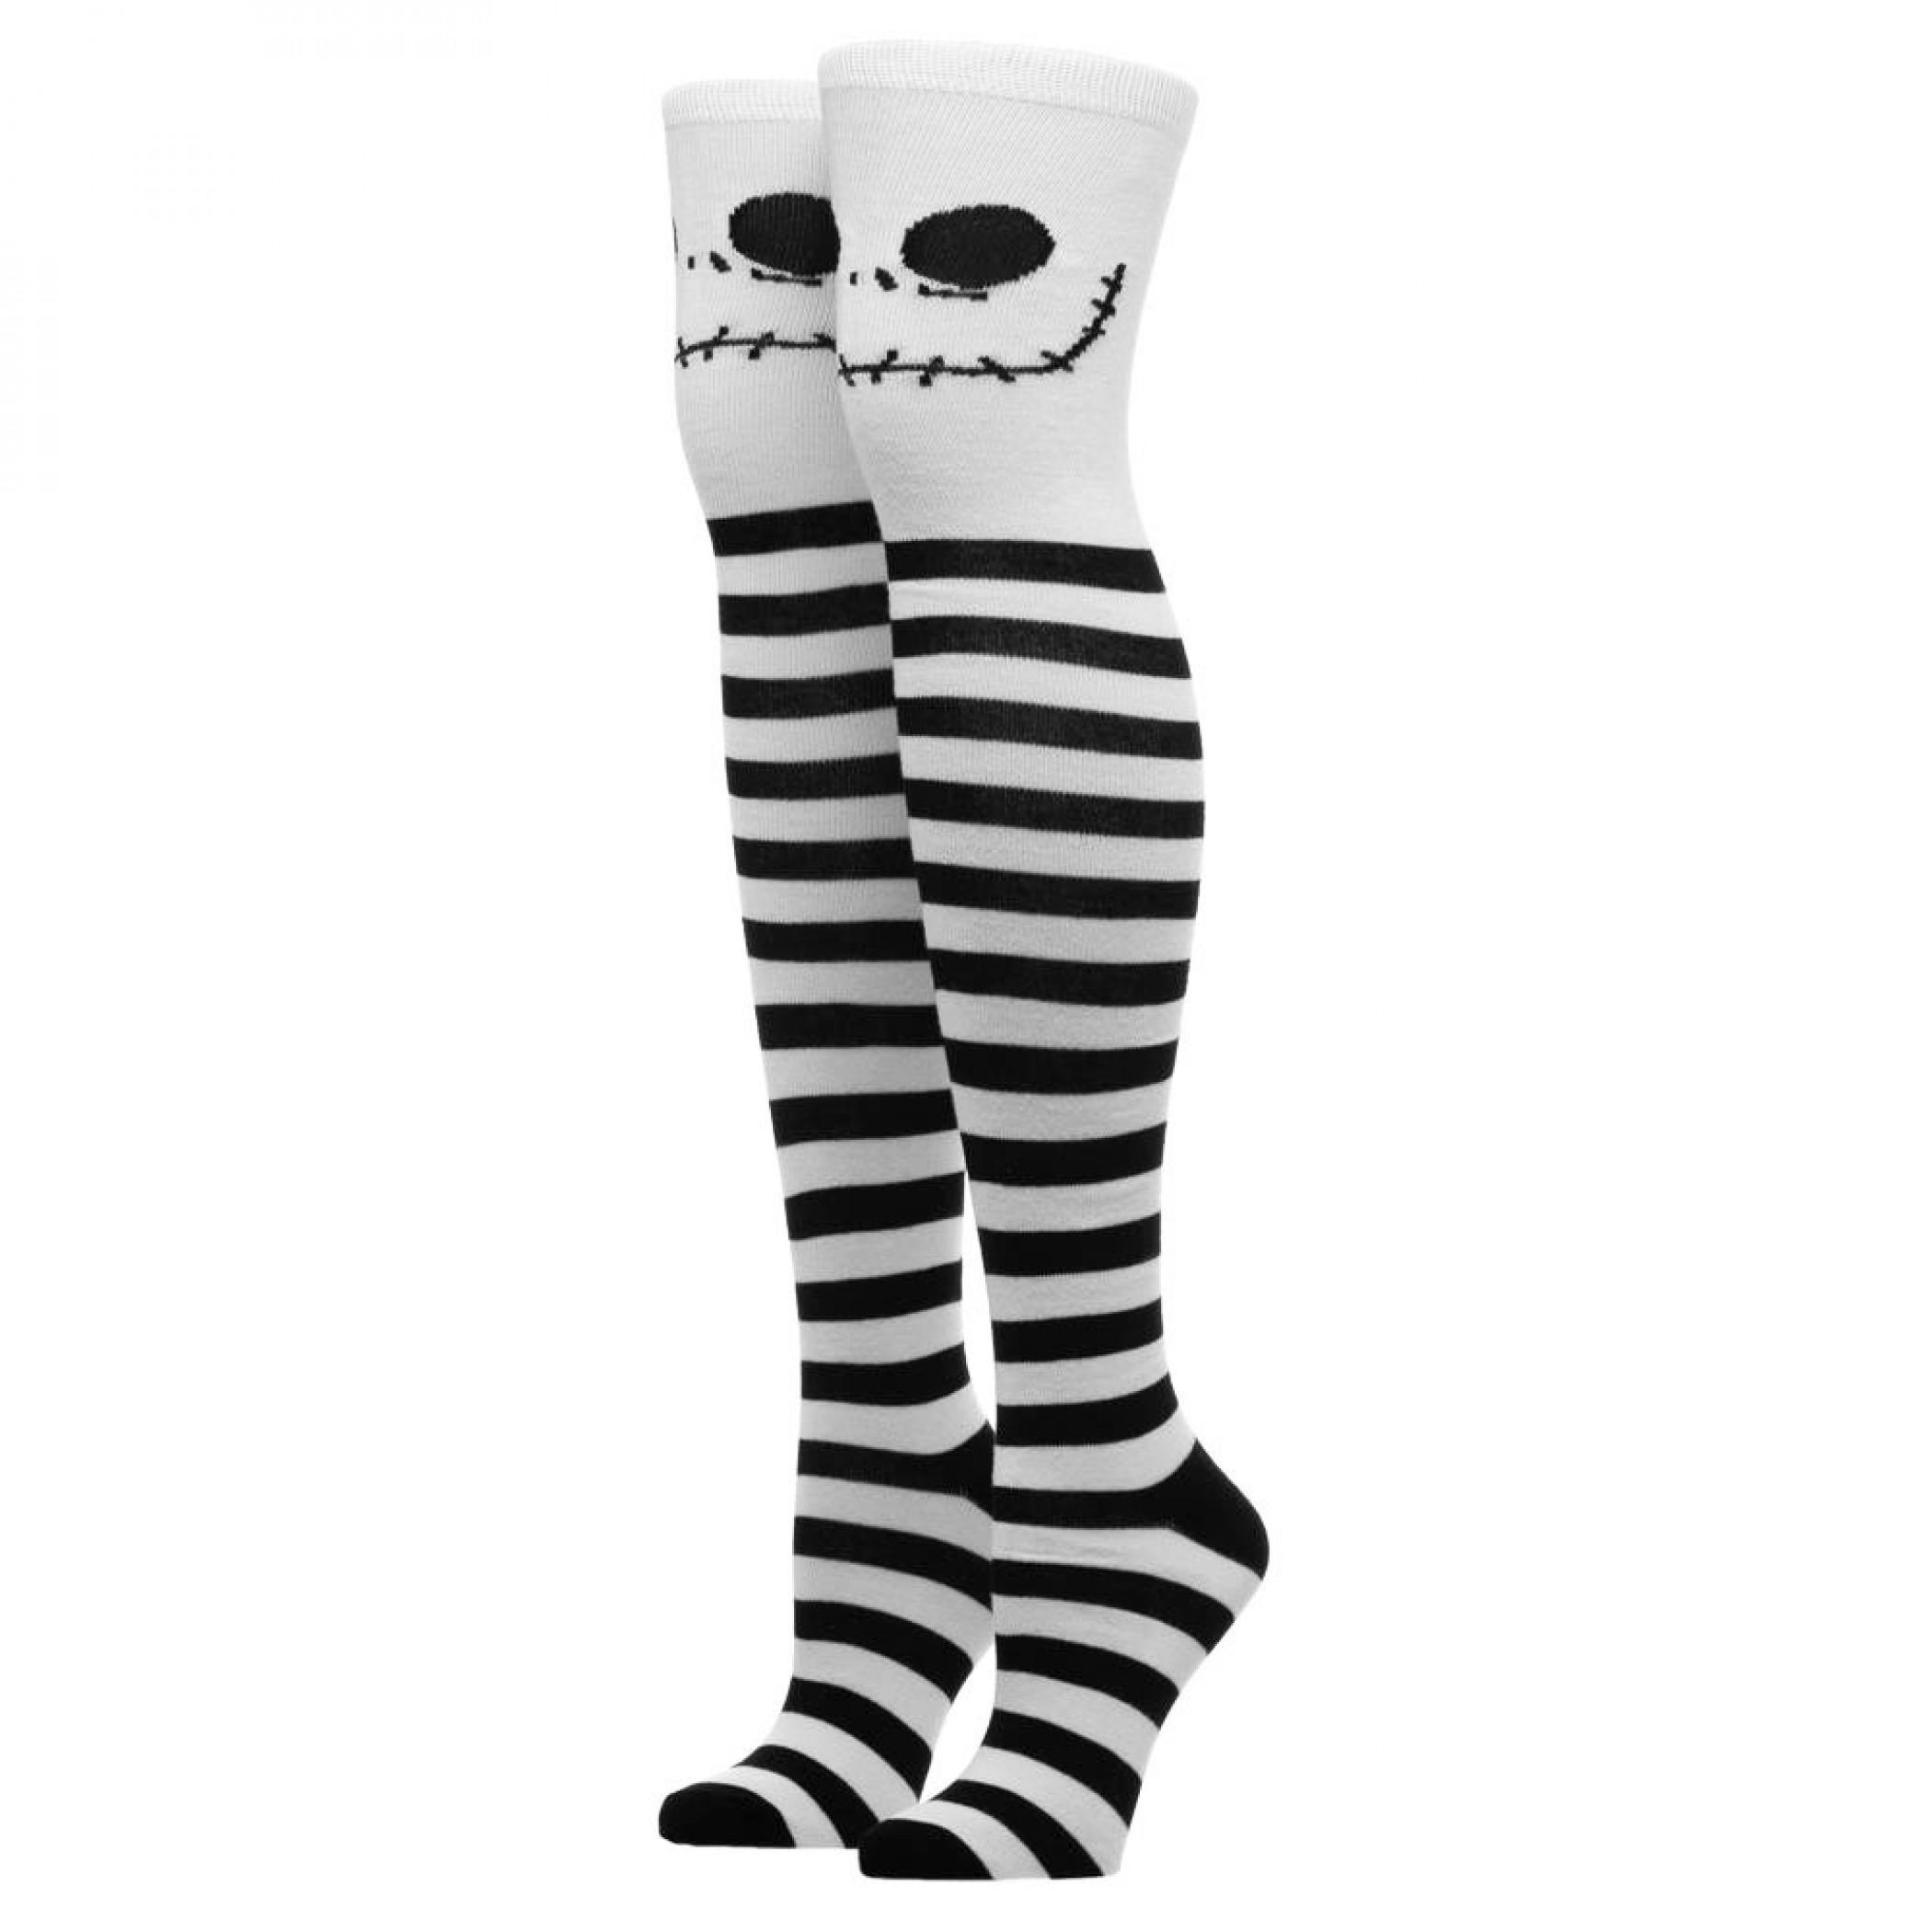 Disney Nightmare Before Christmas Knee High Socks Jack Skellington Faces